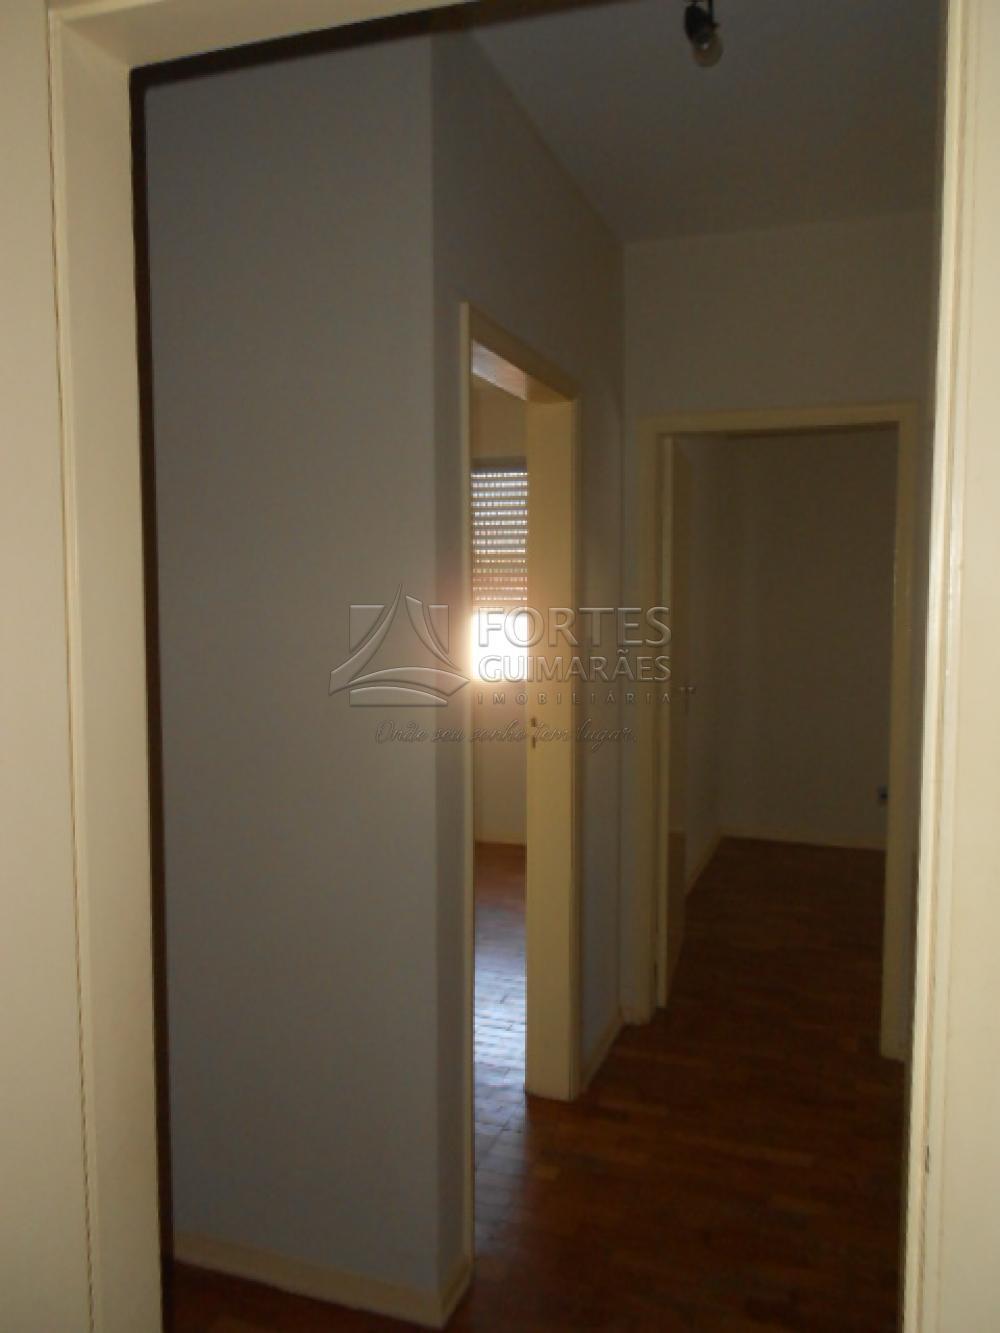 Alugar Apartamentos / Padrão em Ribeirão Preto apenas R$ 800,00 - Foto 8